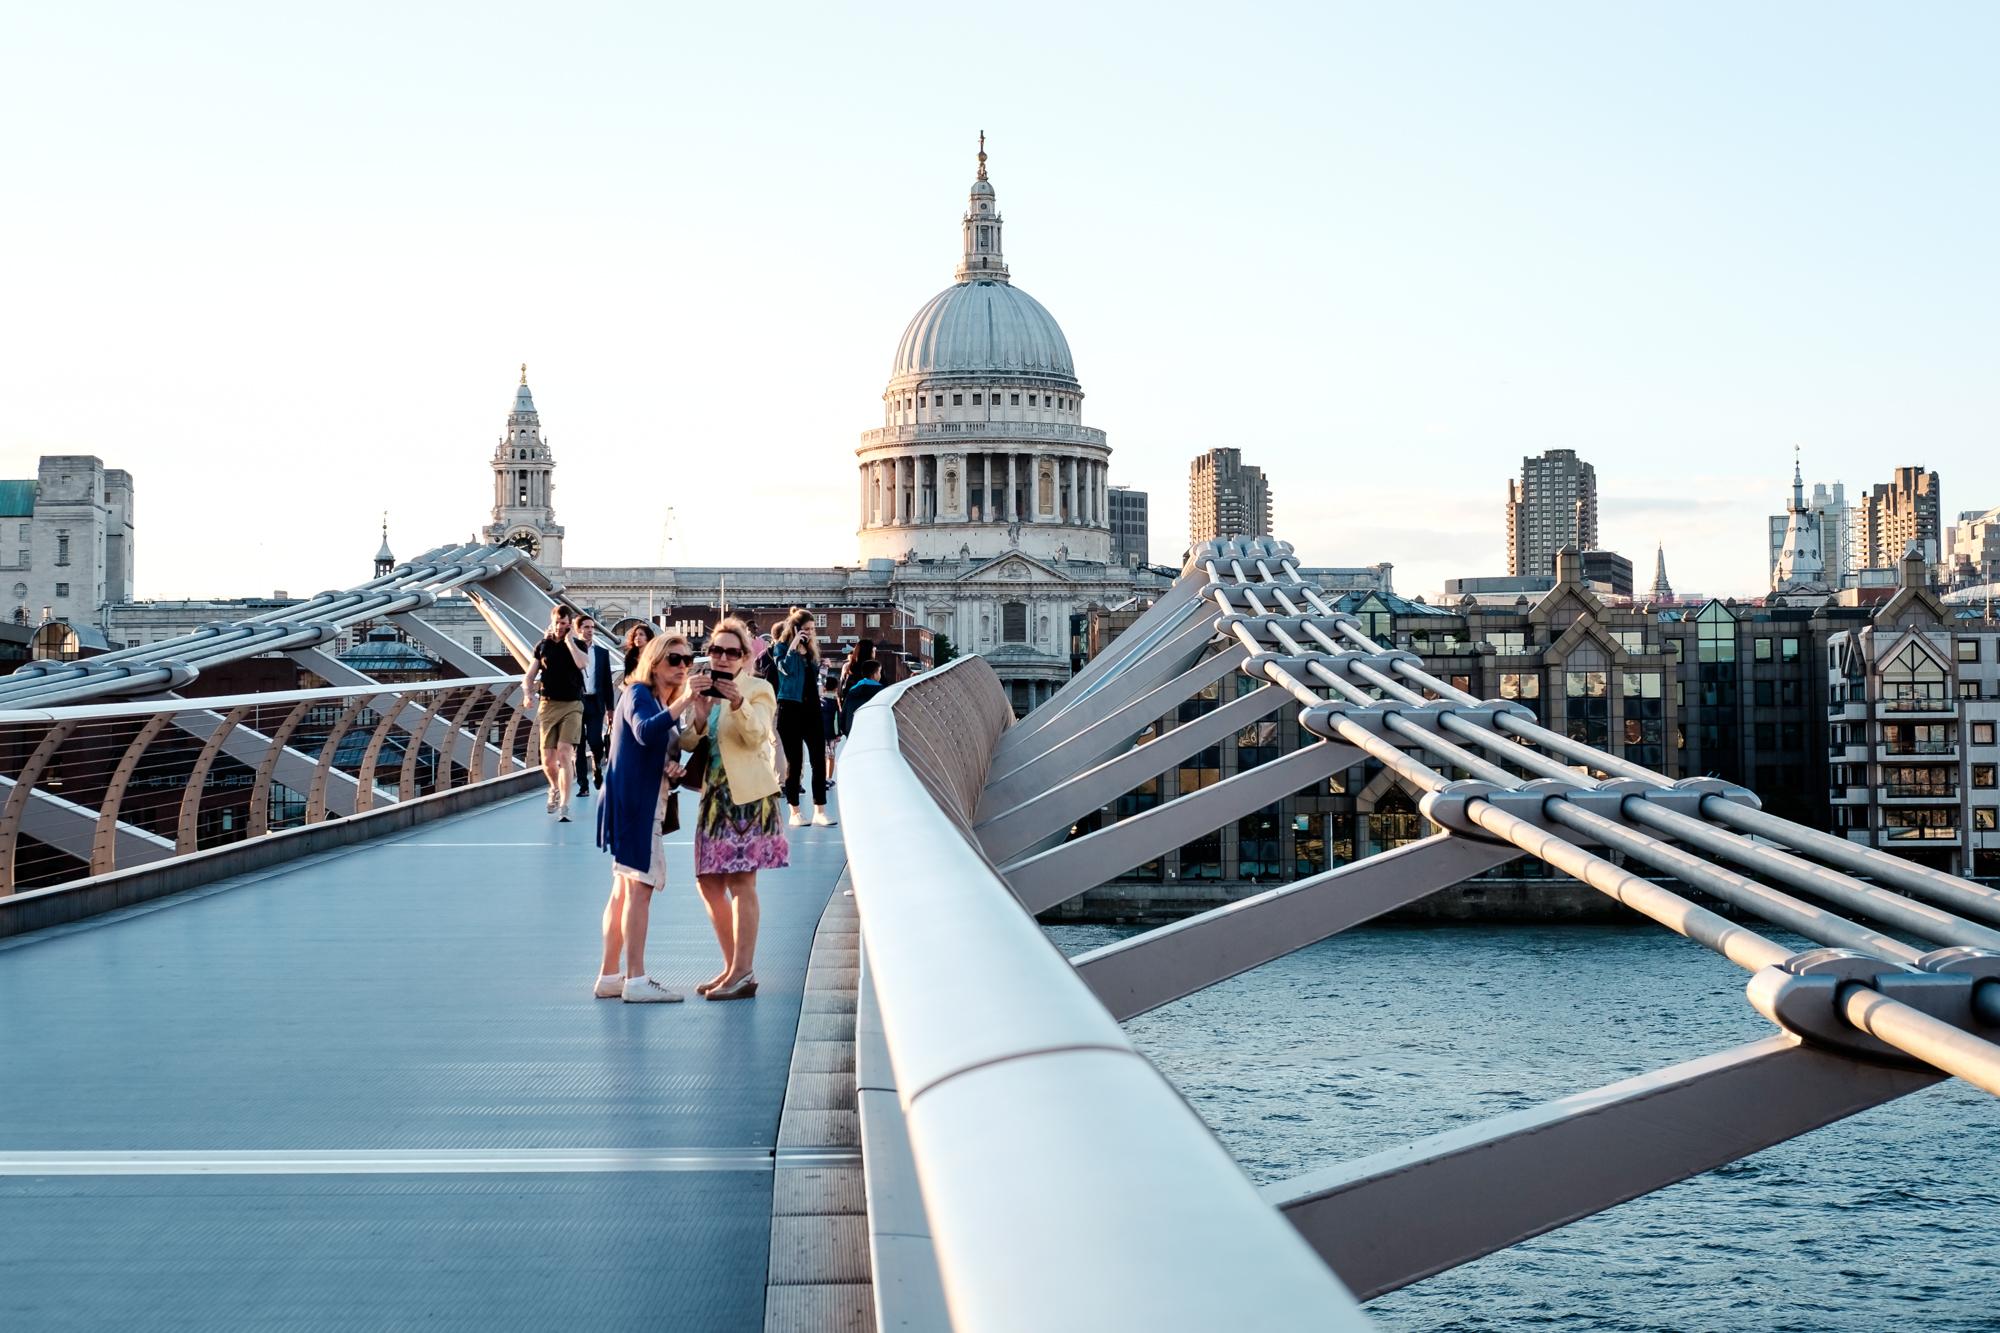 London Chrome -180621 - St Pauls - 008.jpg